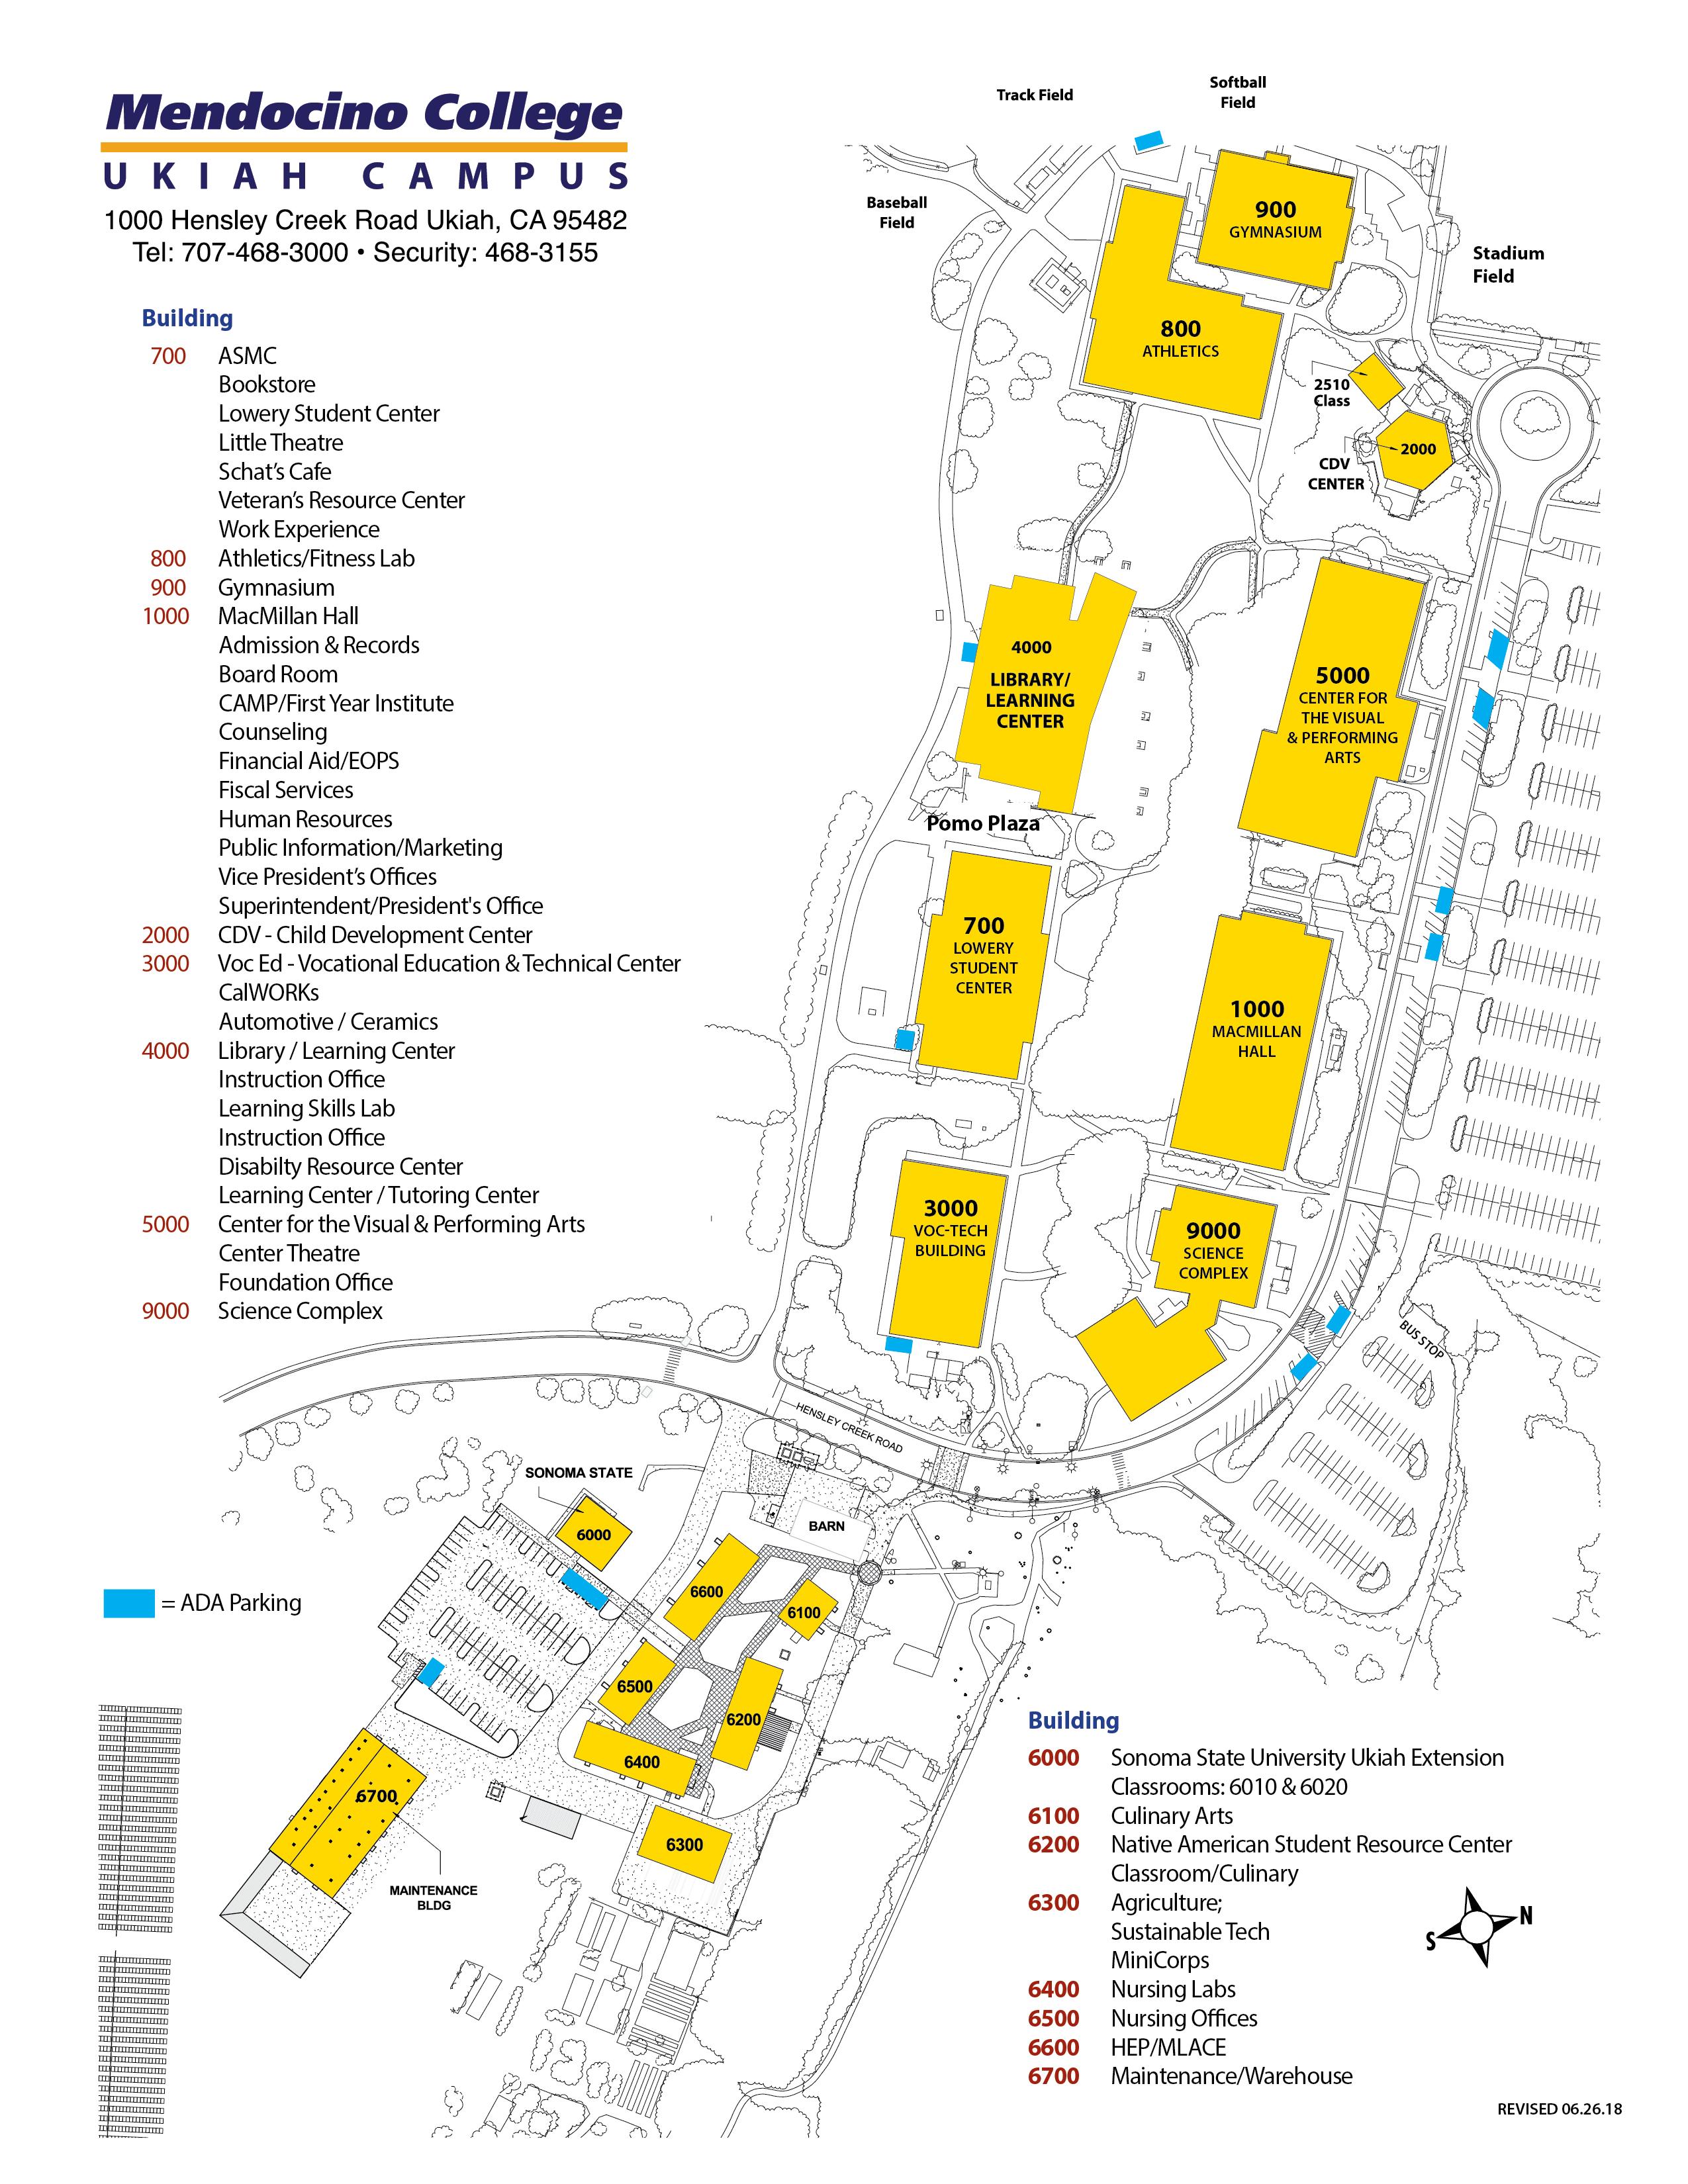 Mendocino College Campus Map.Maps Mendocino College